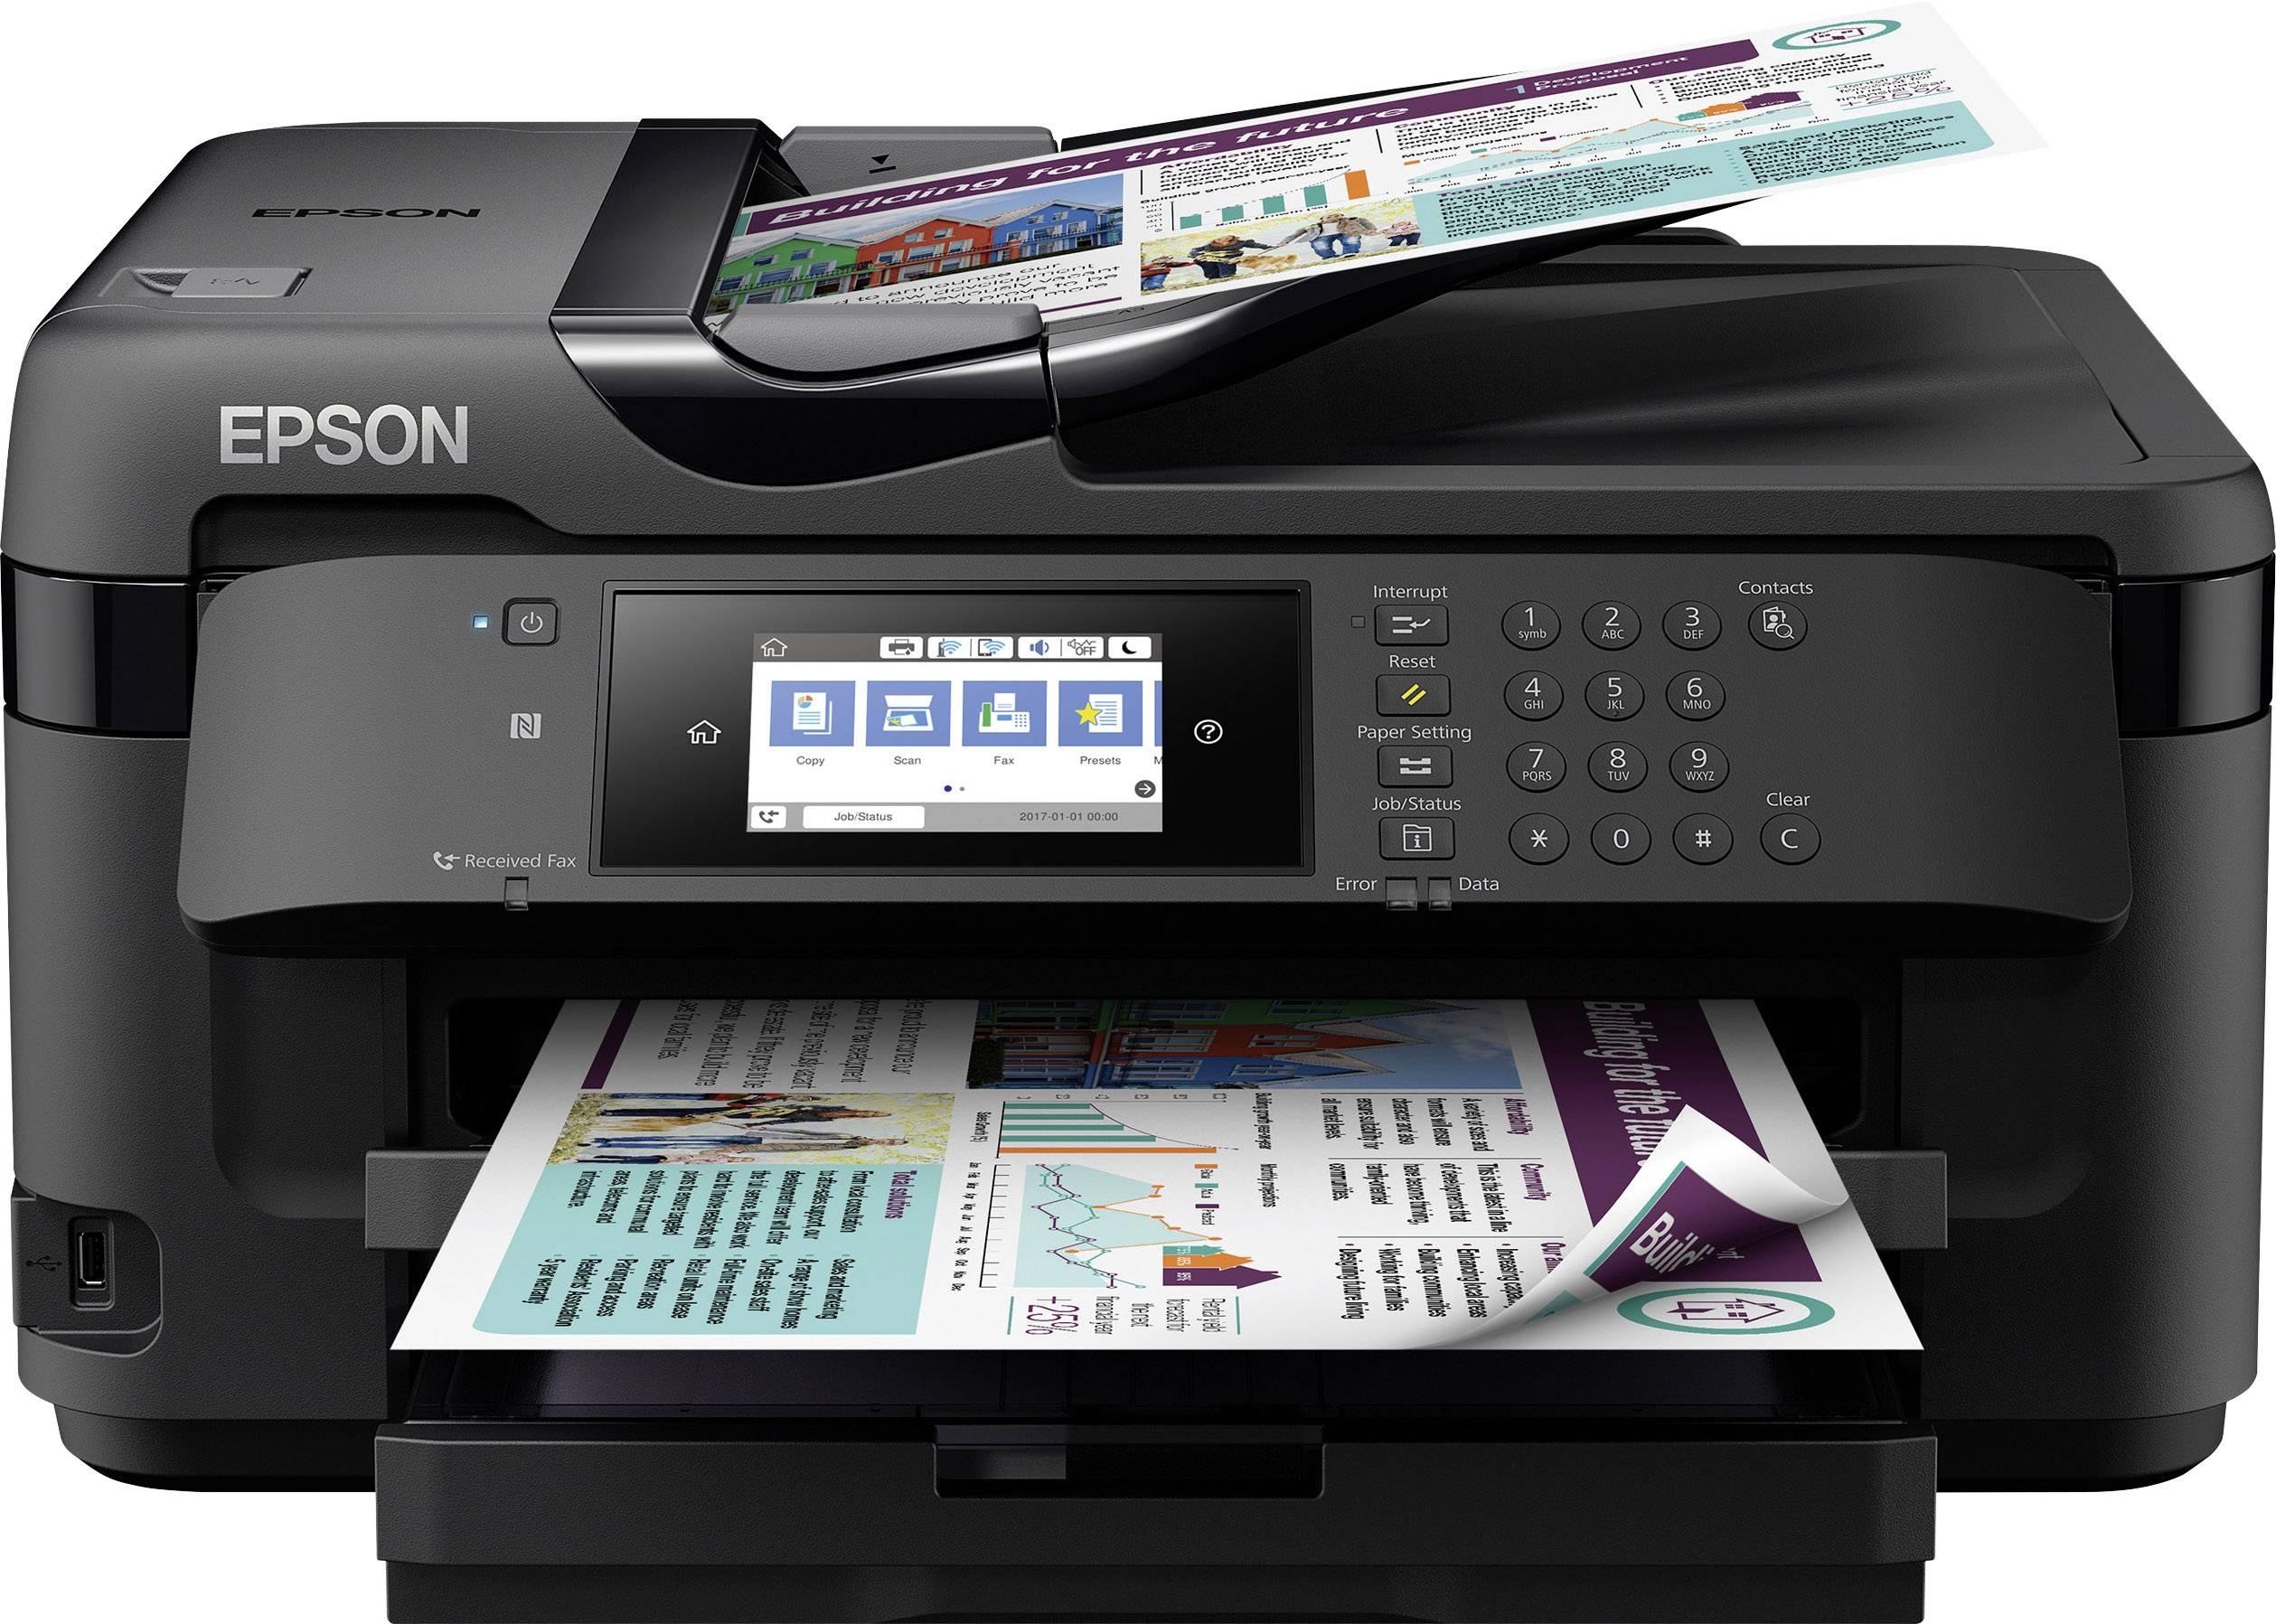 Drucker, Scanner, Kopierer, Fax, ADF, WiFi, Ethernet, NFC, Duplex, Einzelpatronen, DIN A4 Epson WorkForce Pro WF-4730DTWF 4-in-1 Business Tintenstrahl-Multifunktionsger/ät schwarz